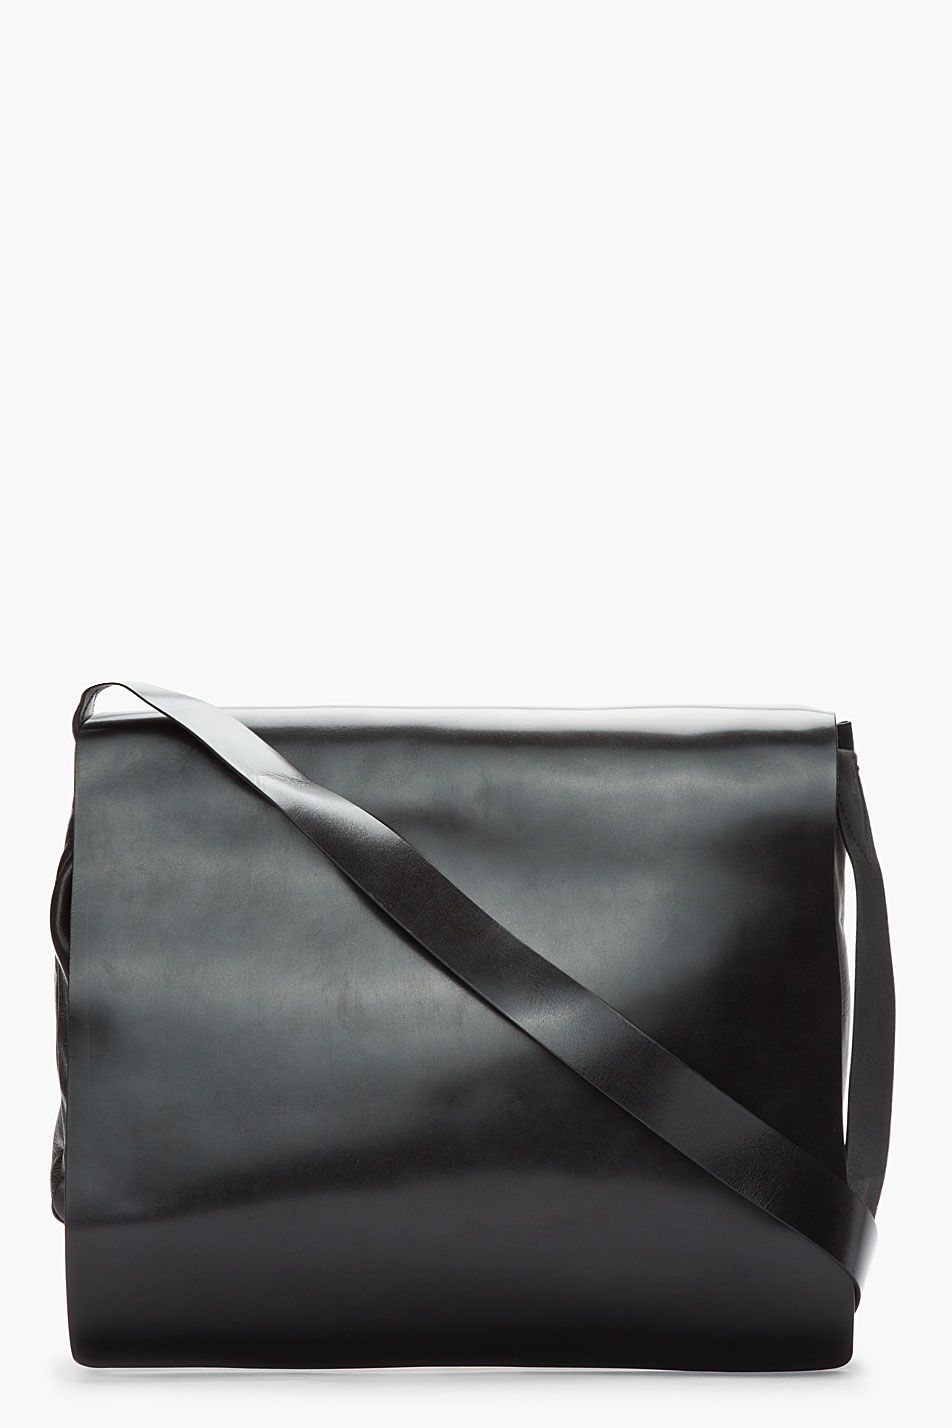 Ann Demeulemeester Black Leather Messenger Bag